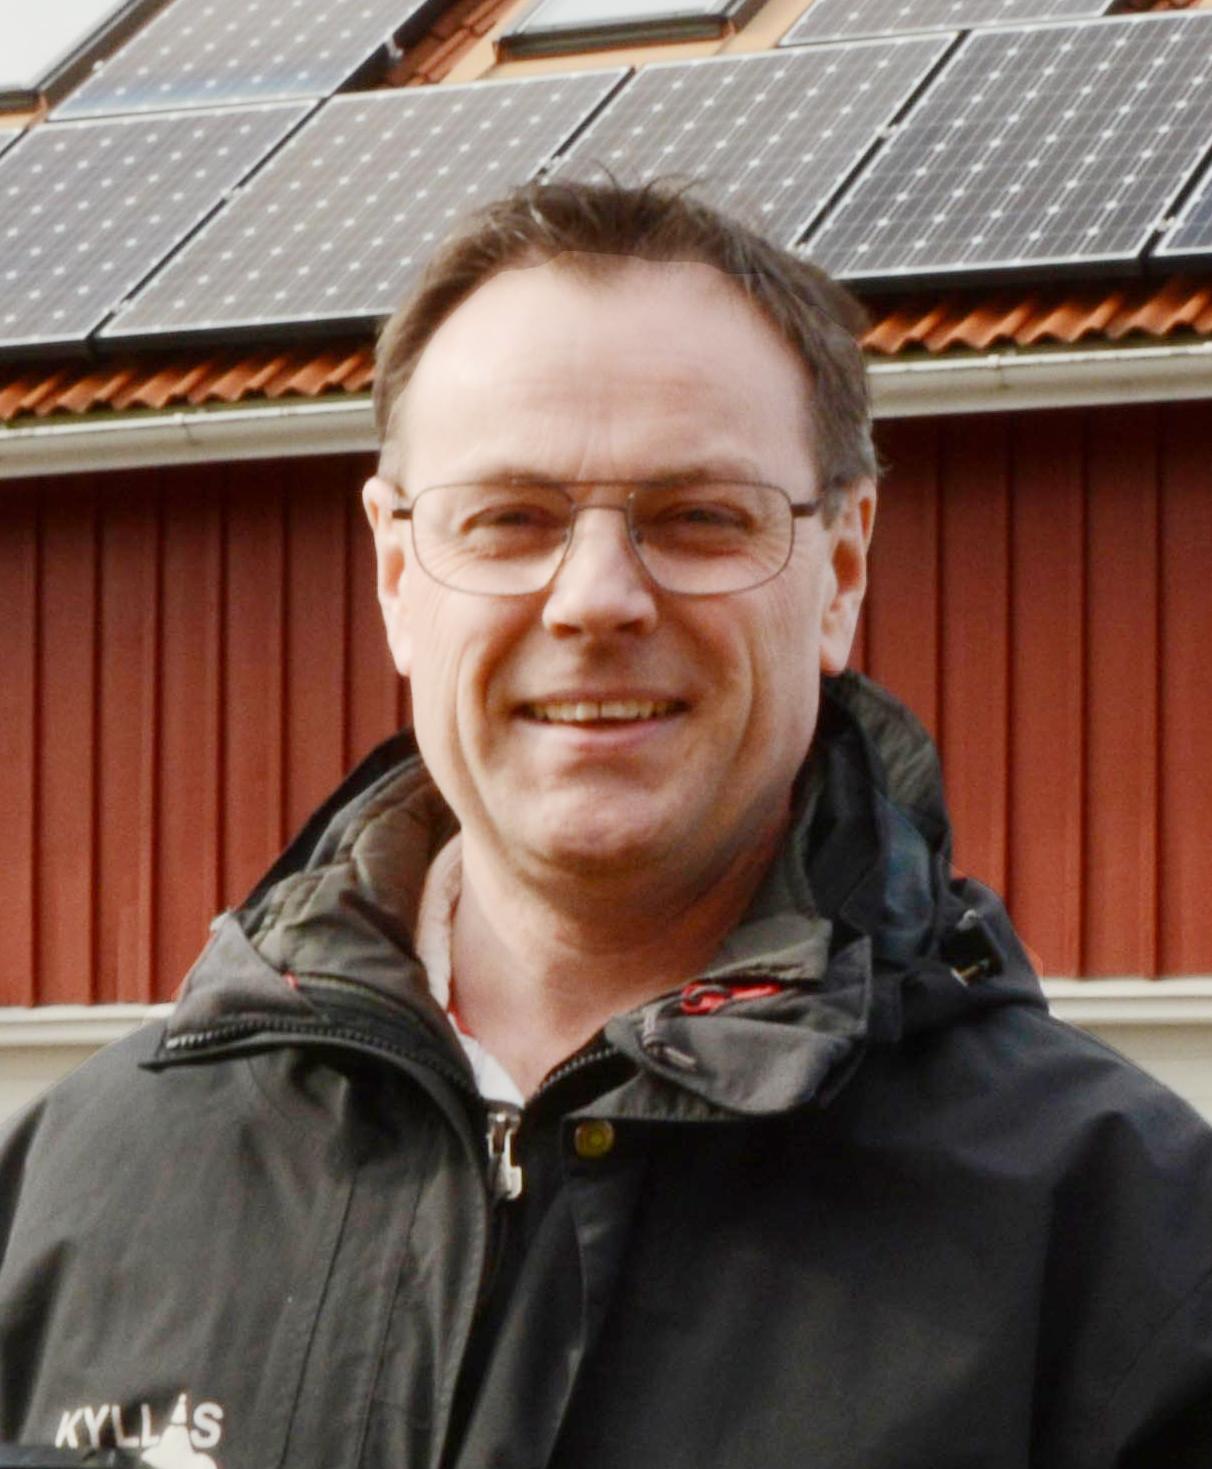 Björn Almgren med startbooster WT3